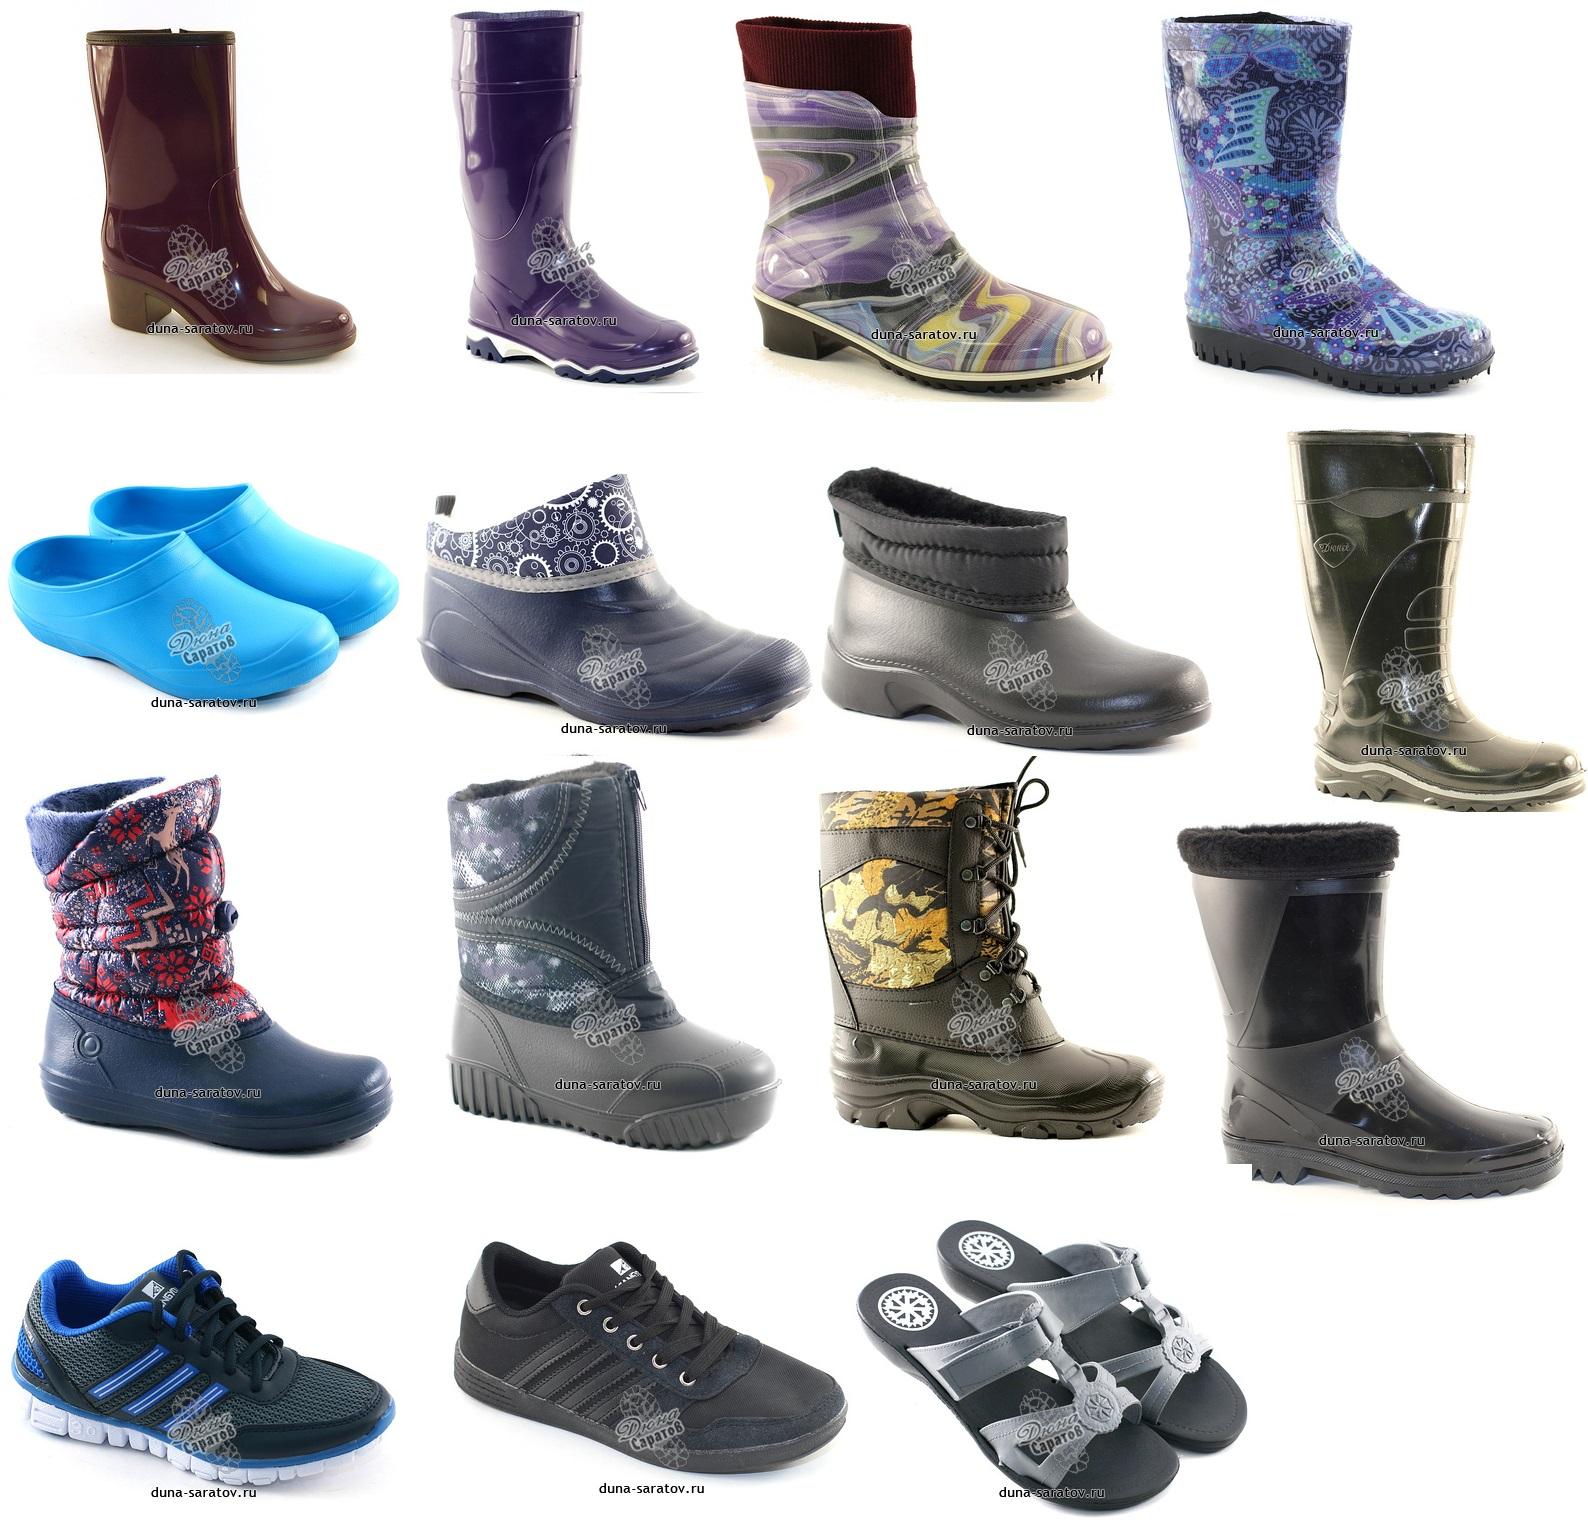 Сапоги, галоши, сланцы, дутики. Обувь ПВХ, ЭВА - для всей семьи 5.